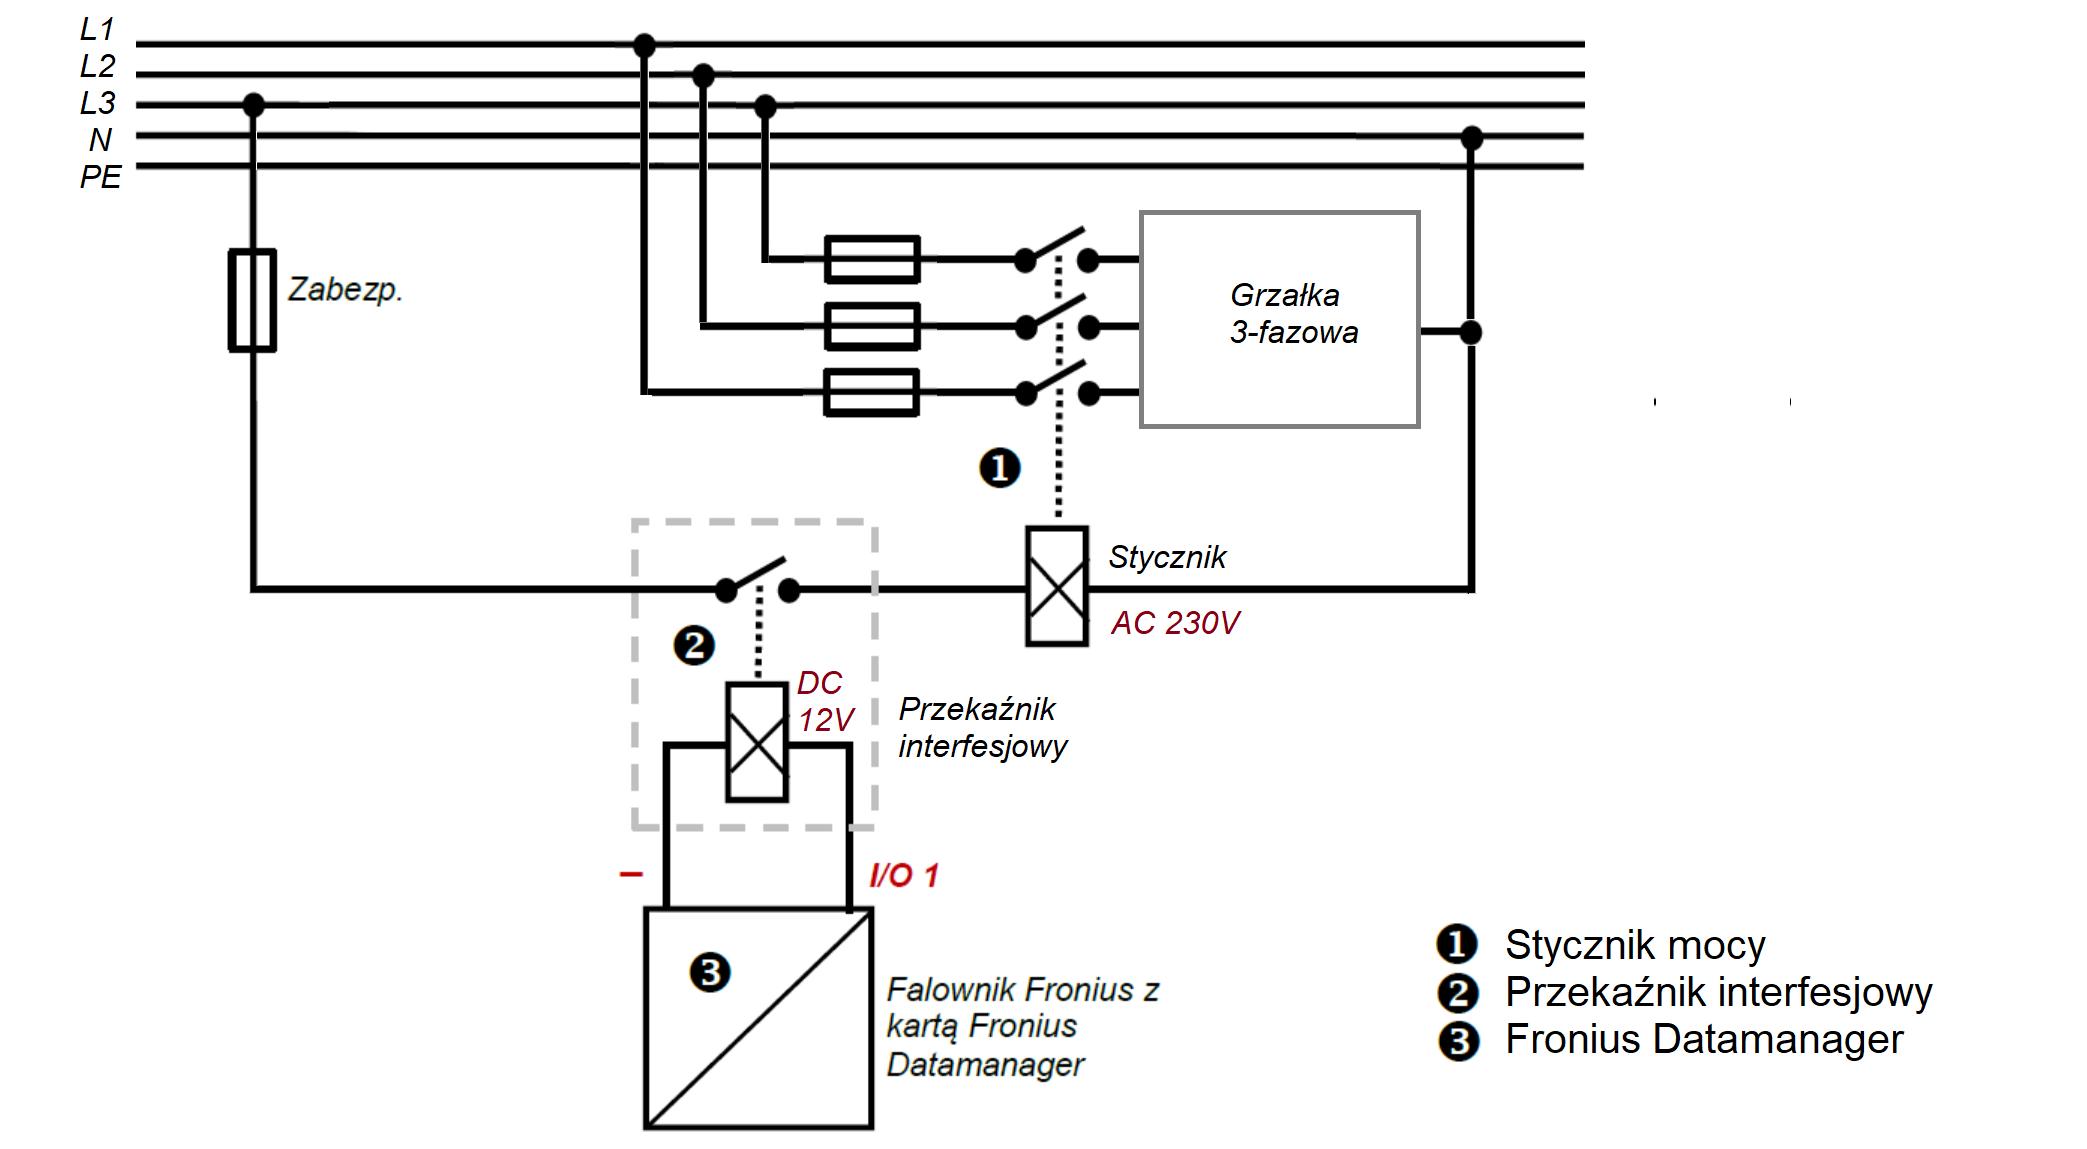 Datamanager I/O sterowanie pgrzałka 3-fazy